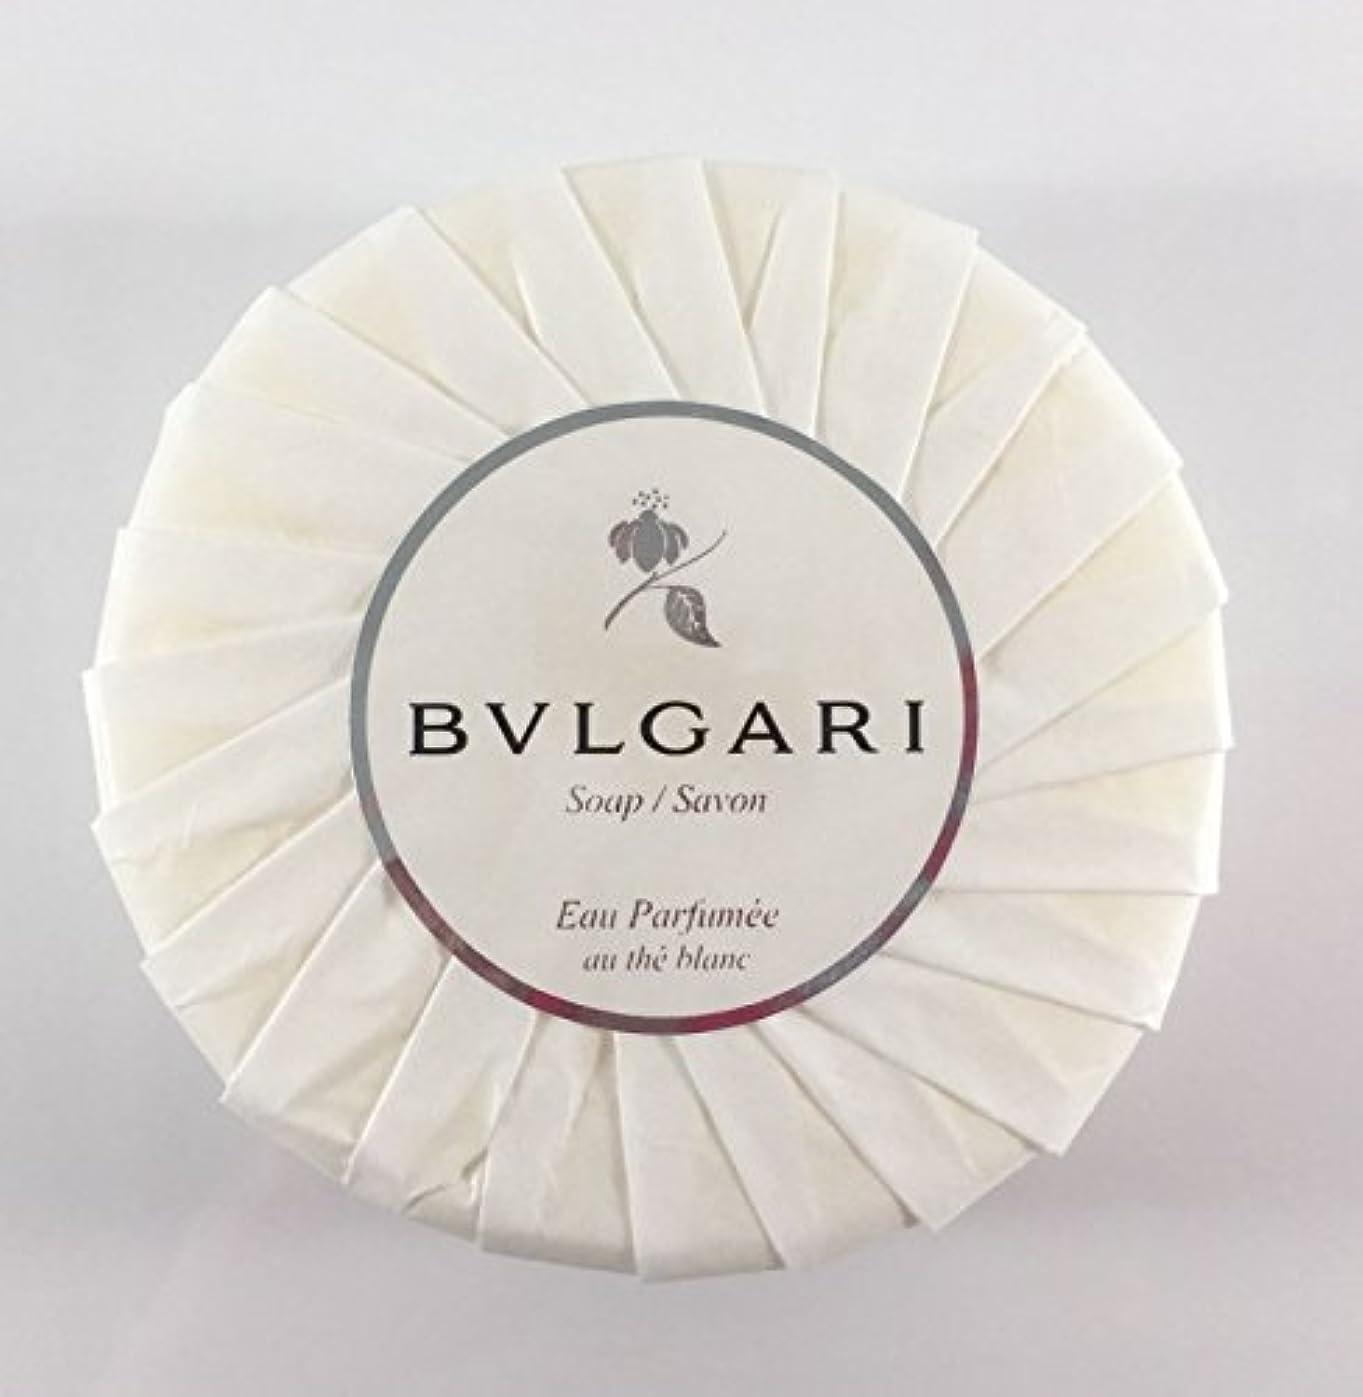 ふつう短命最初ブルガリ オ?パフメ オーテブラン デラックスソープ150g BVLGARI Bvlgari Eau Parfumee au the blanc White Soap